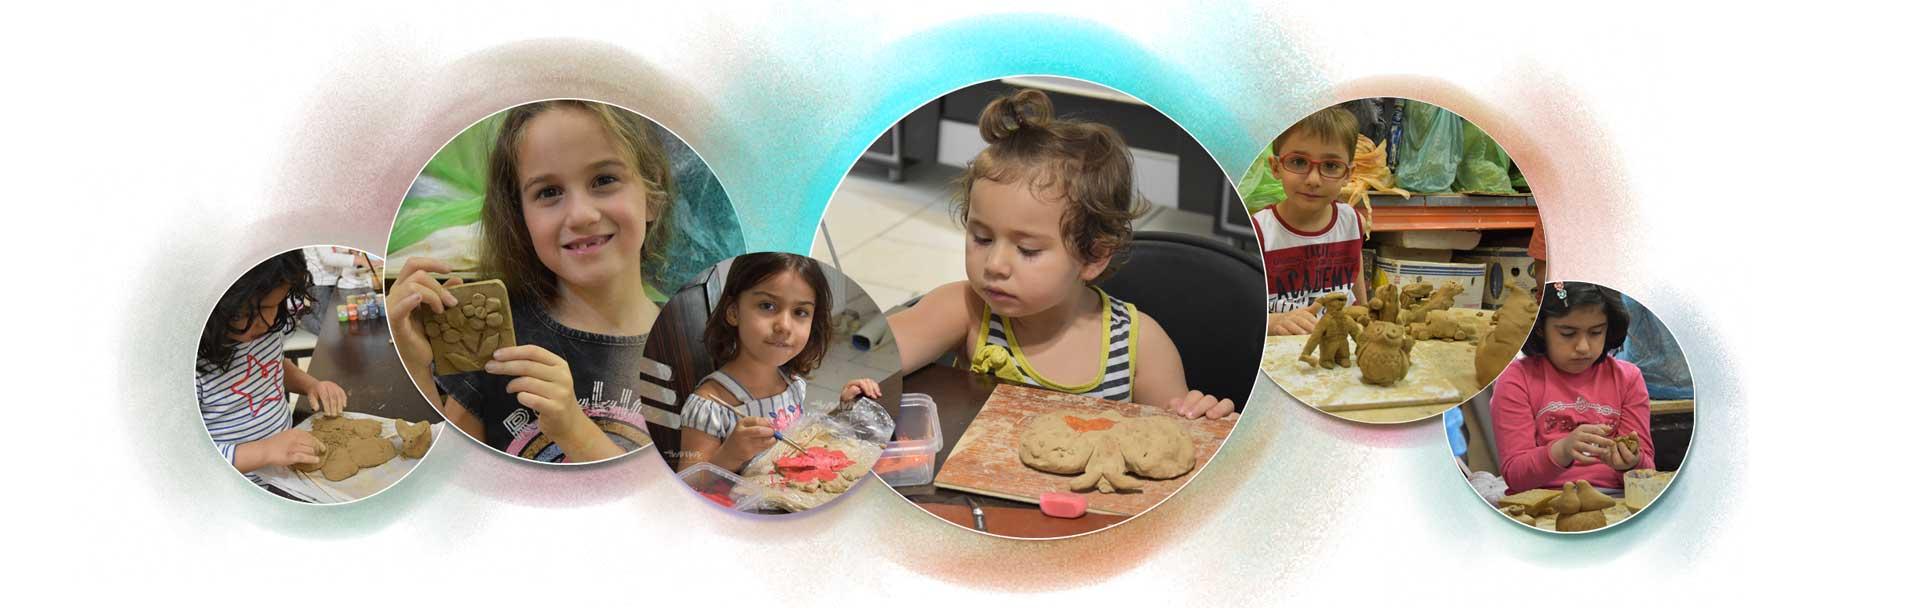 sofal koodak018 - آموزش مجسمه سازی به کودکان